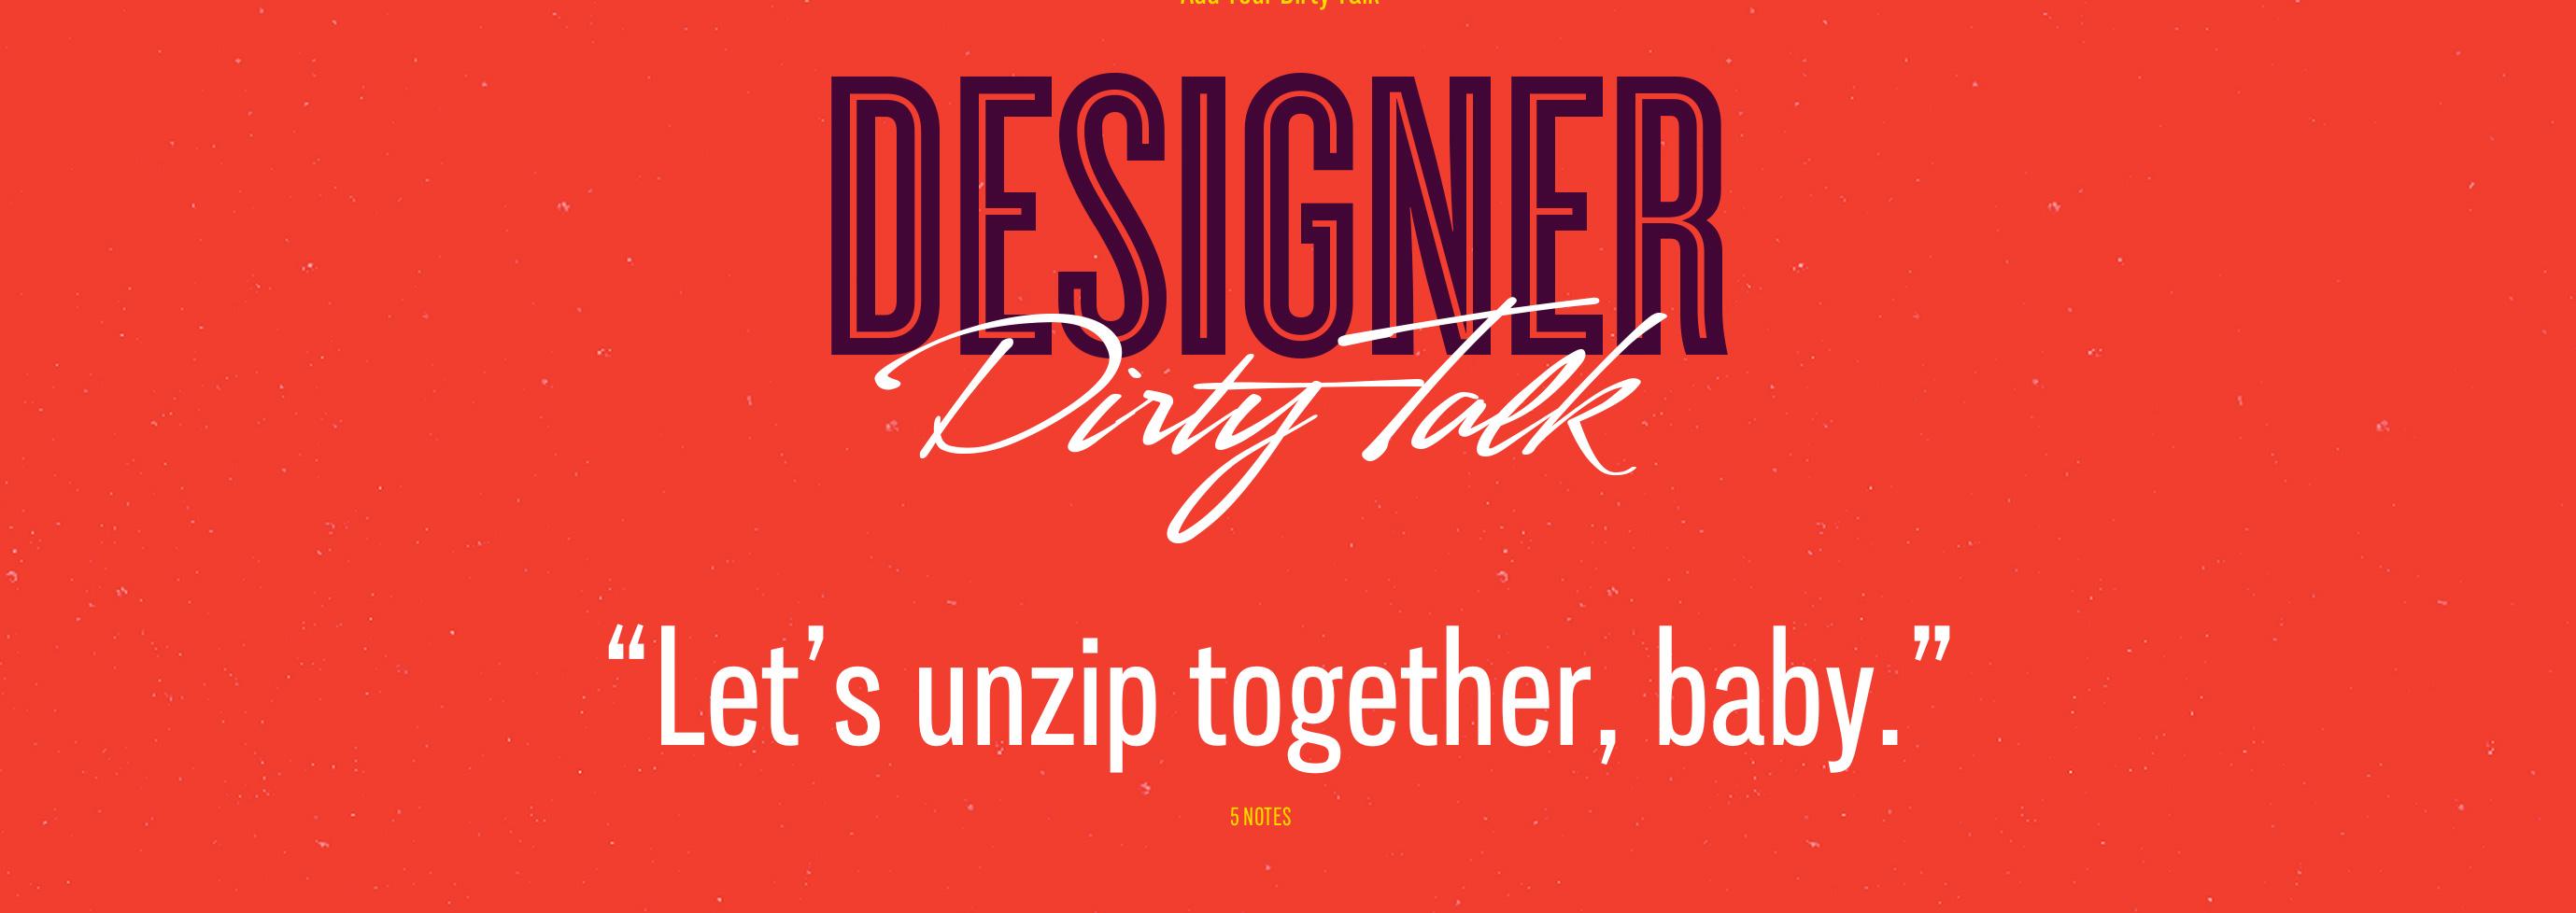 designerstalk